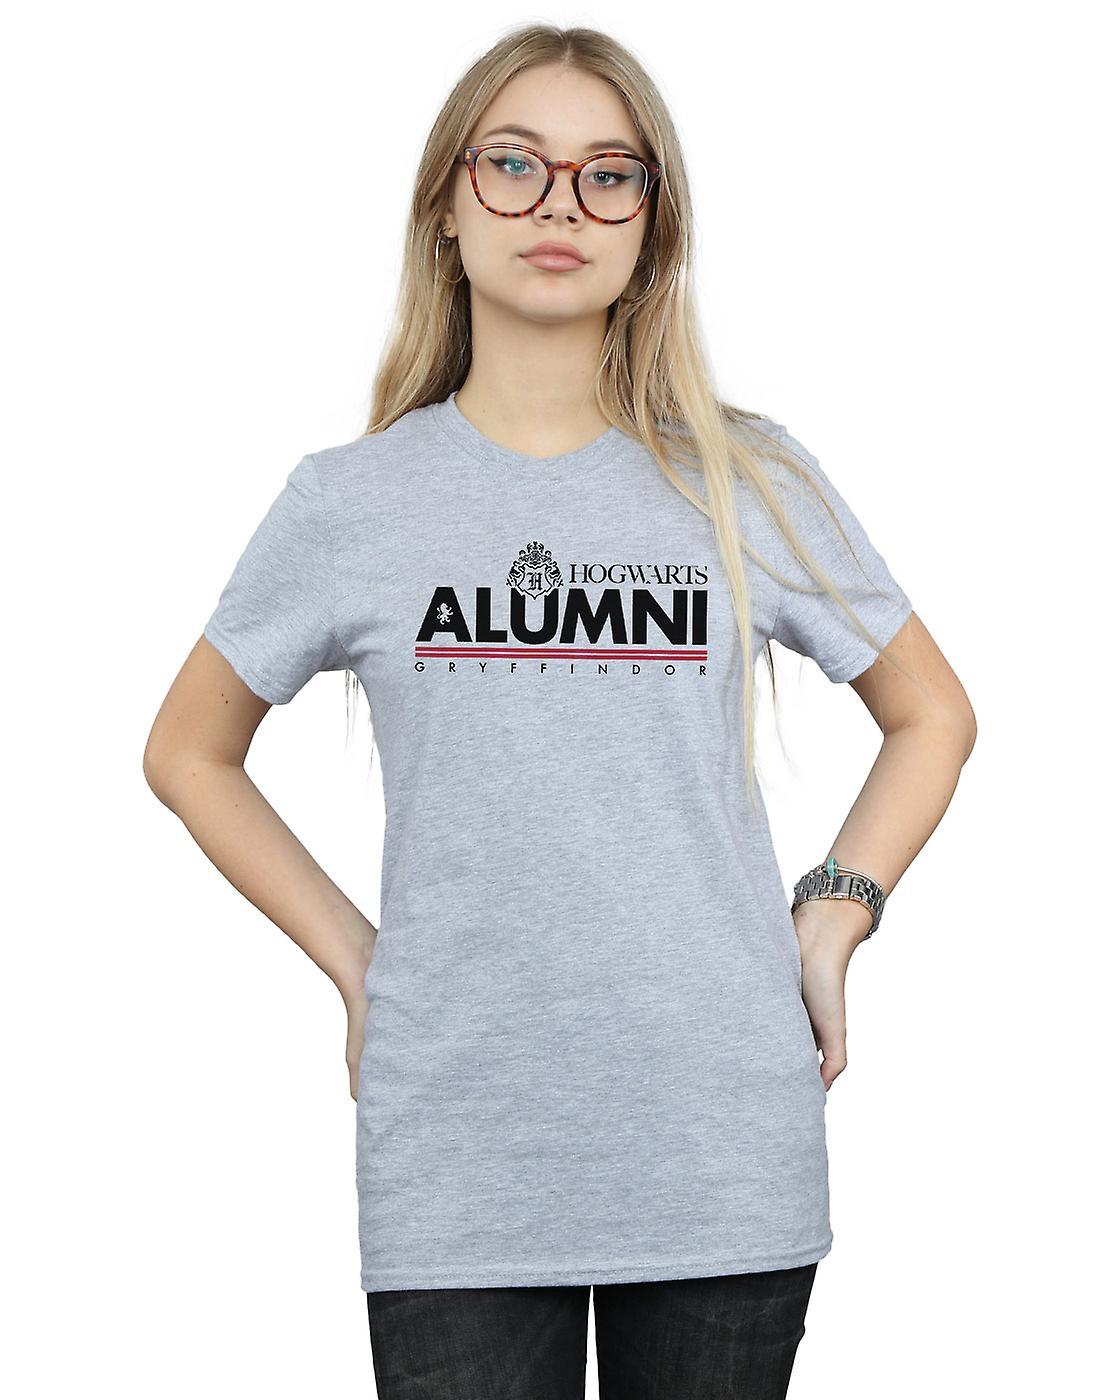 Harry Potter Women's Hogwarts Alumni Gryffindor Boyfriend Fit T-Shirt